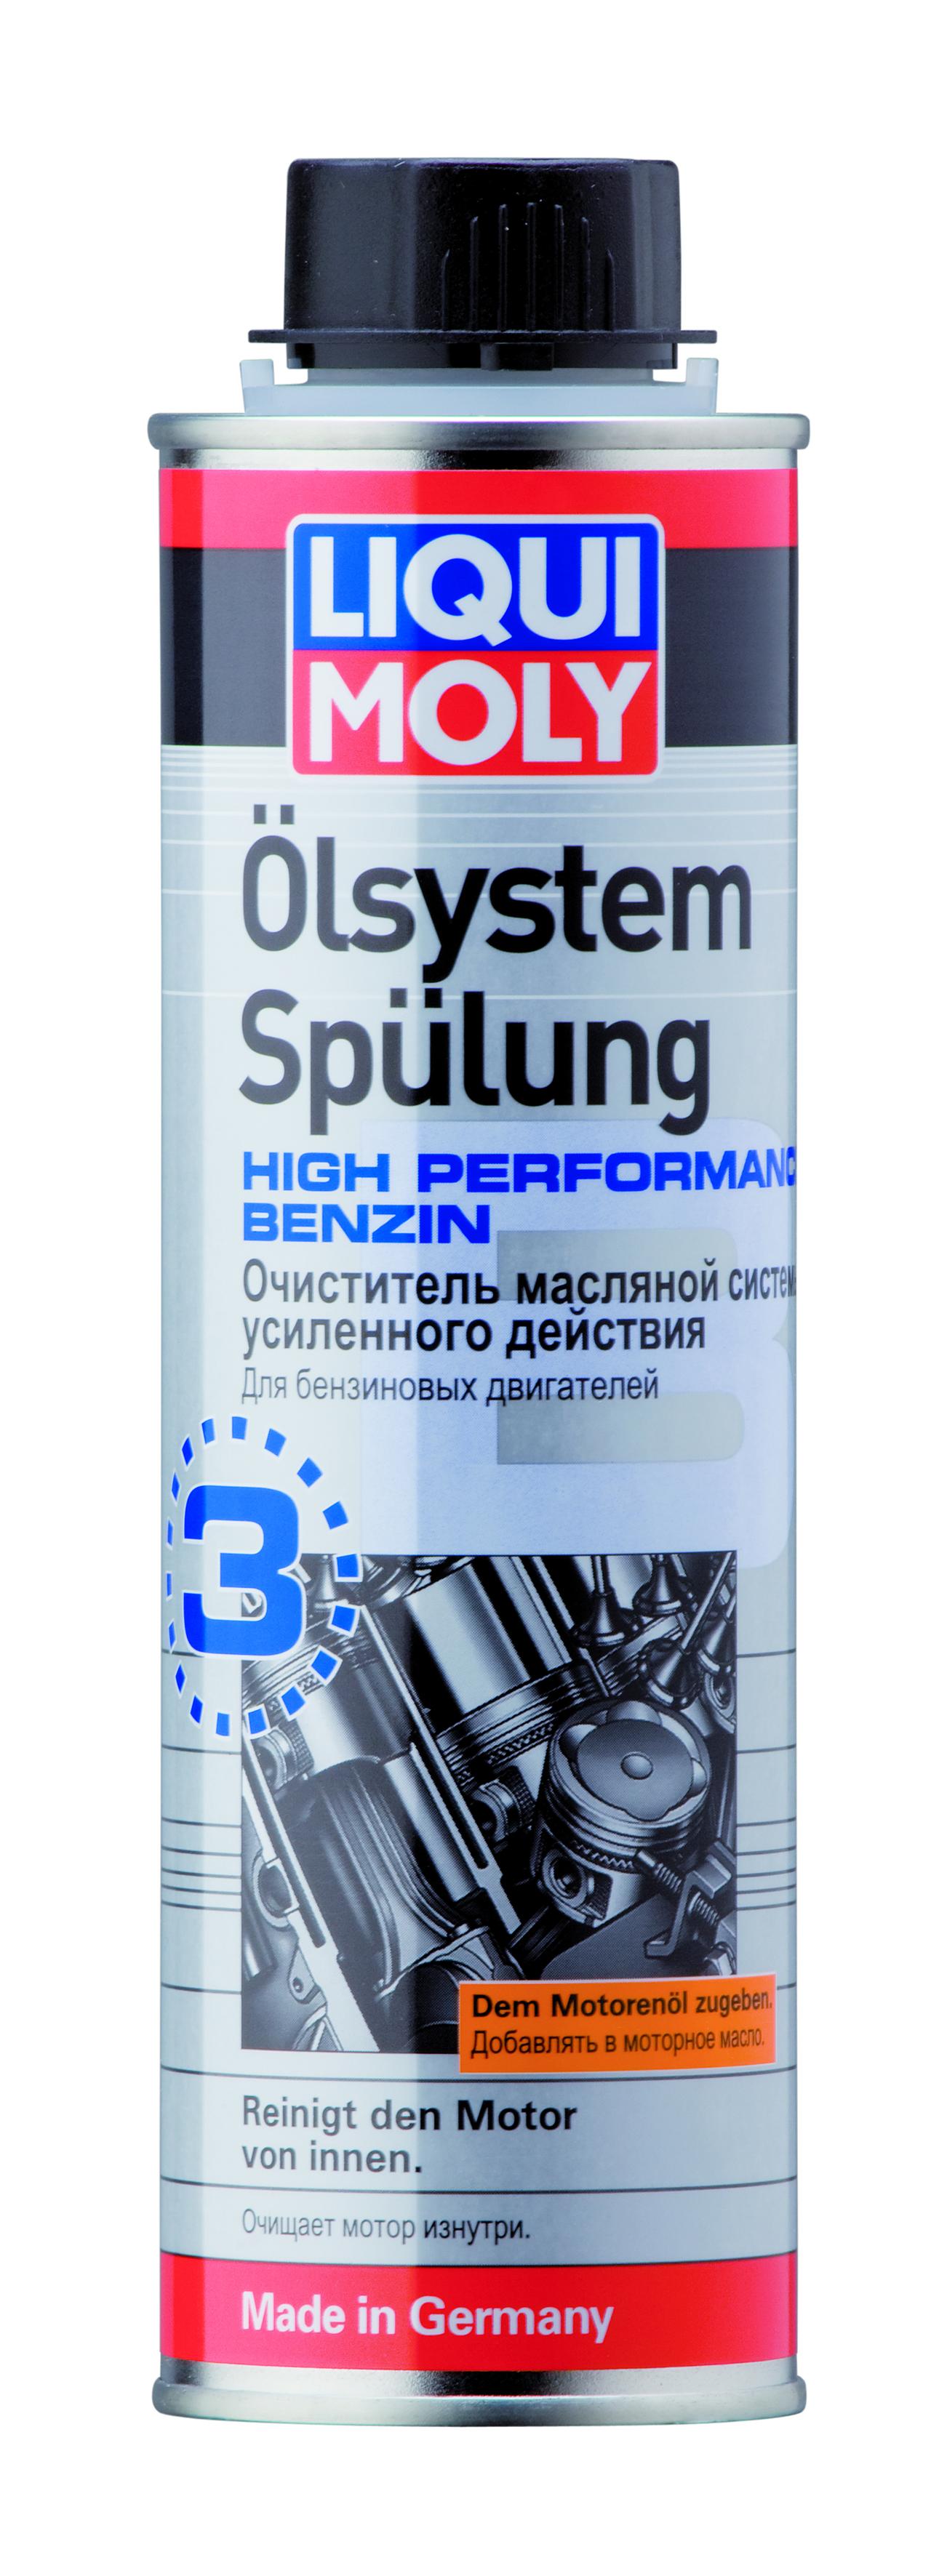 Очиститель масляной системы усиленного действия Oilsystem Spulung High Performance Benzin